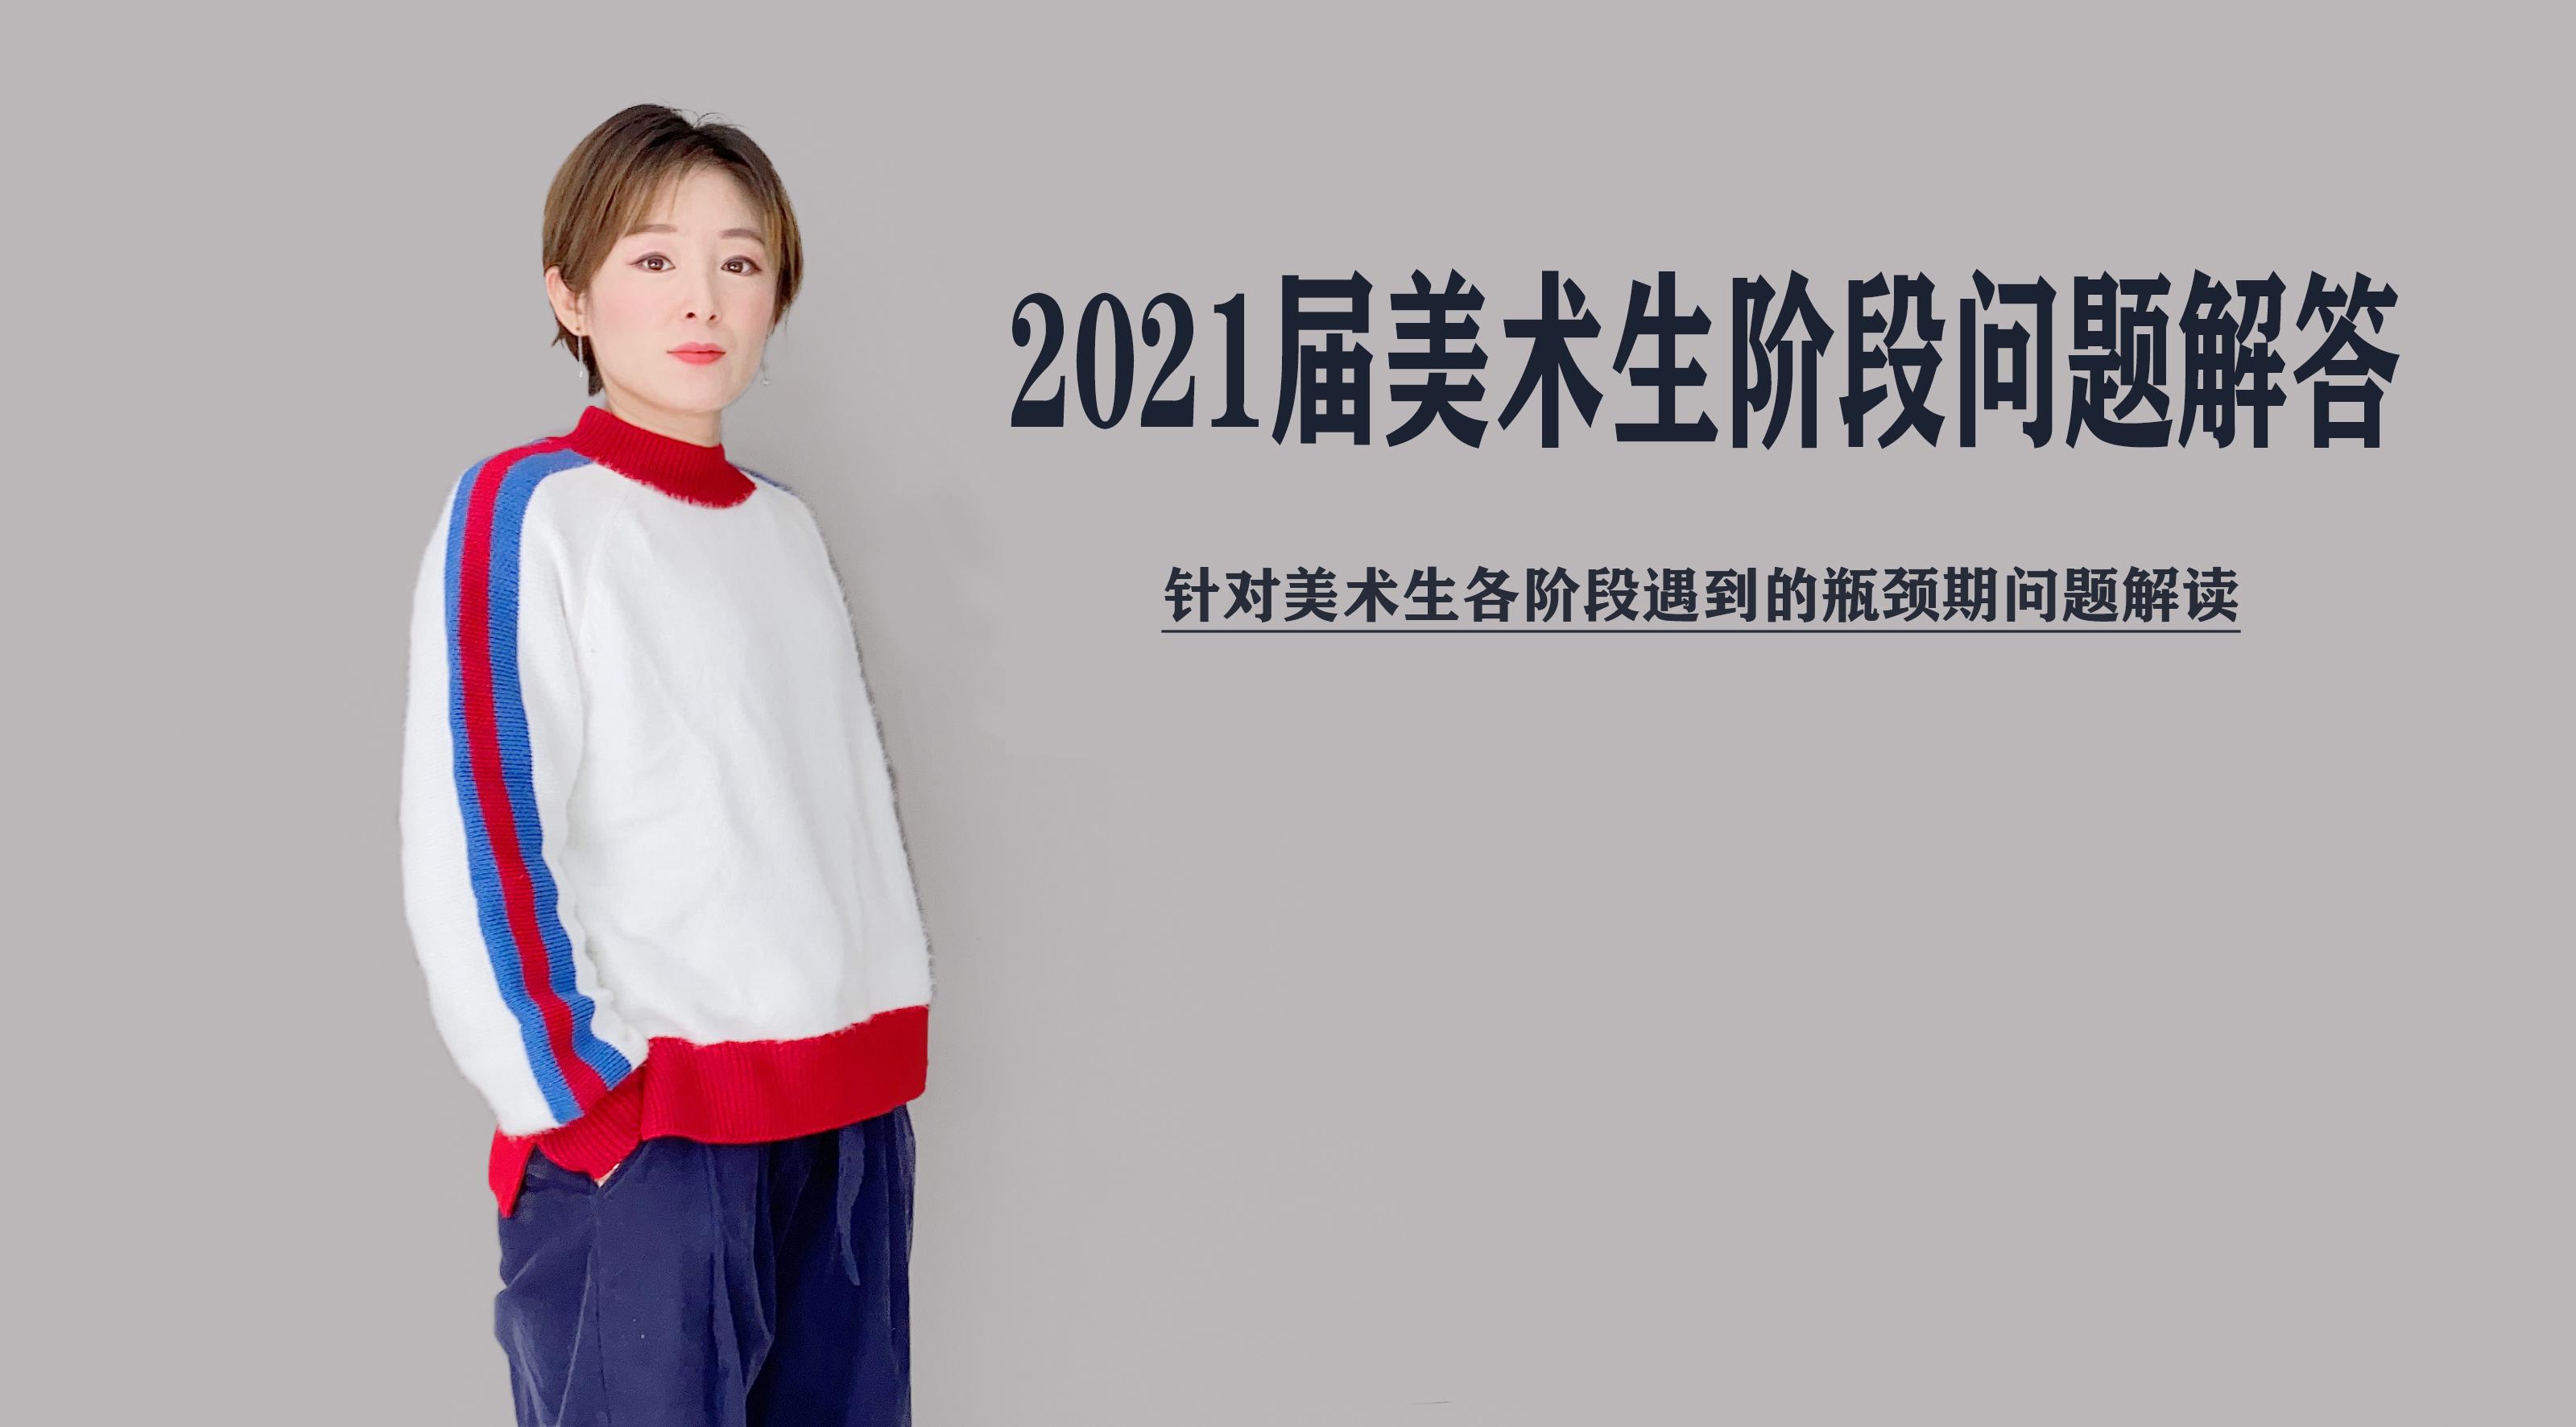 2021届美术生阶段问题解答